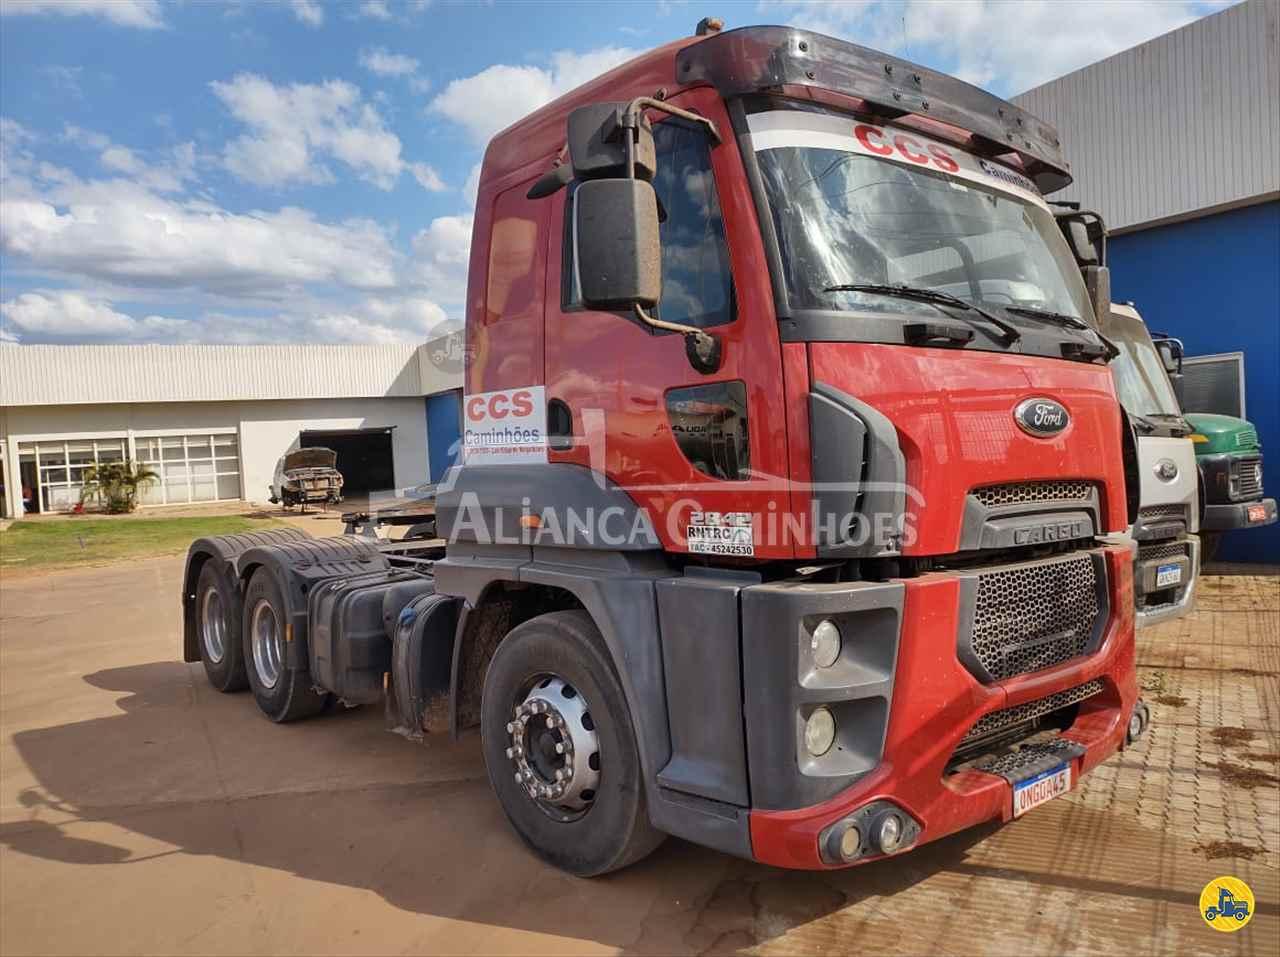 CAMINHAO FORD CARGO 2842 Cavalo Mecânico Truck 6x2 Aliança Caminhões LUIS EDUARDO MAGALHAES BAHIA BA